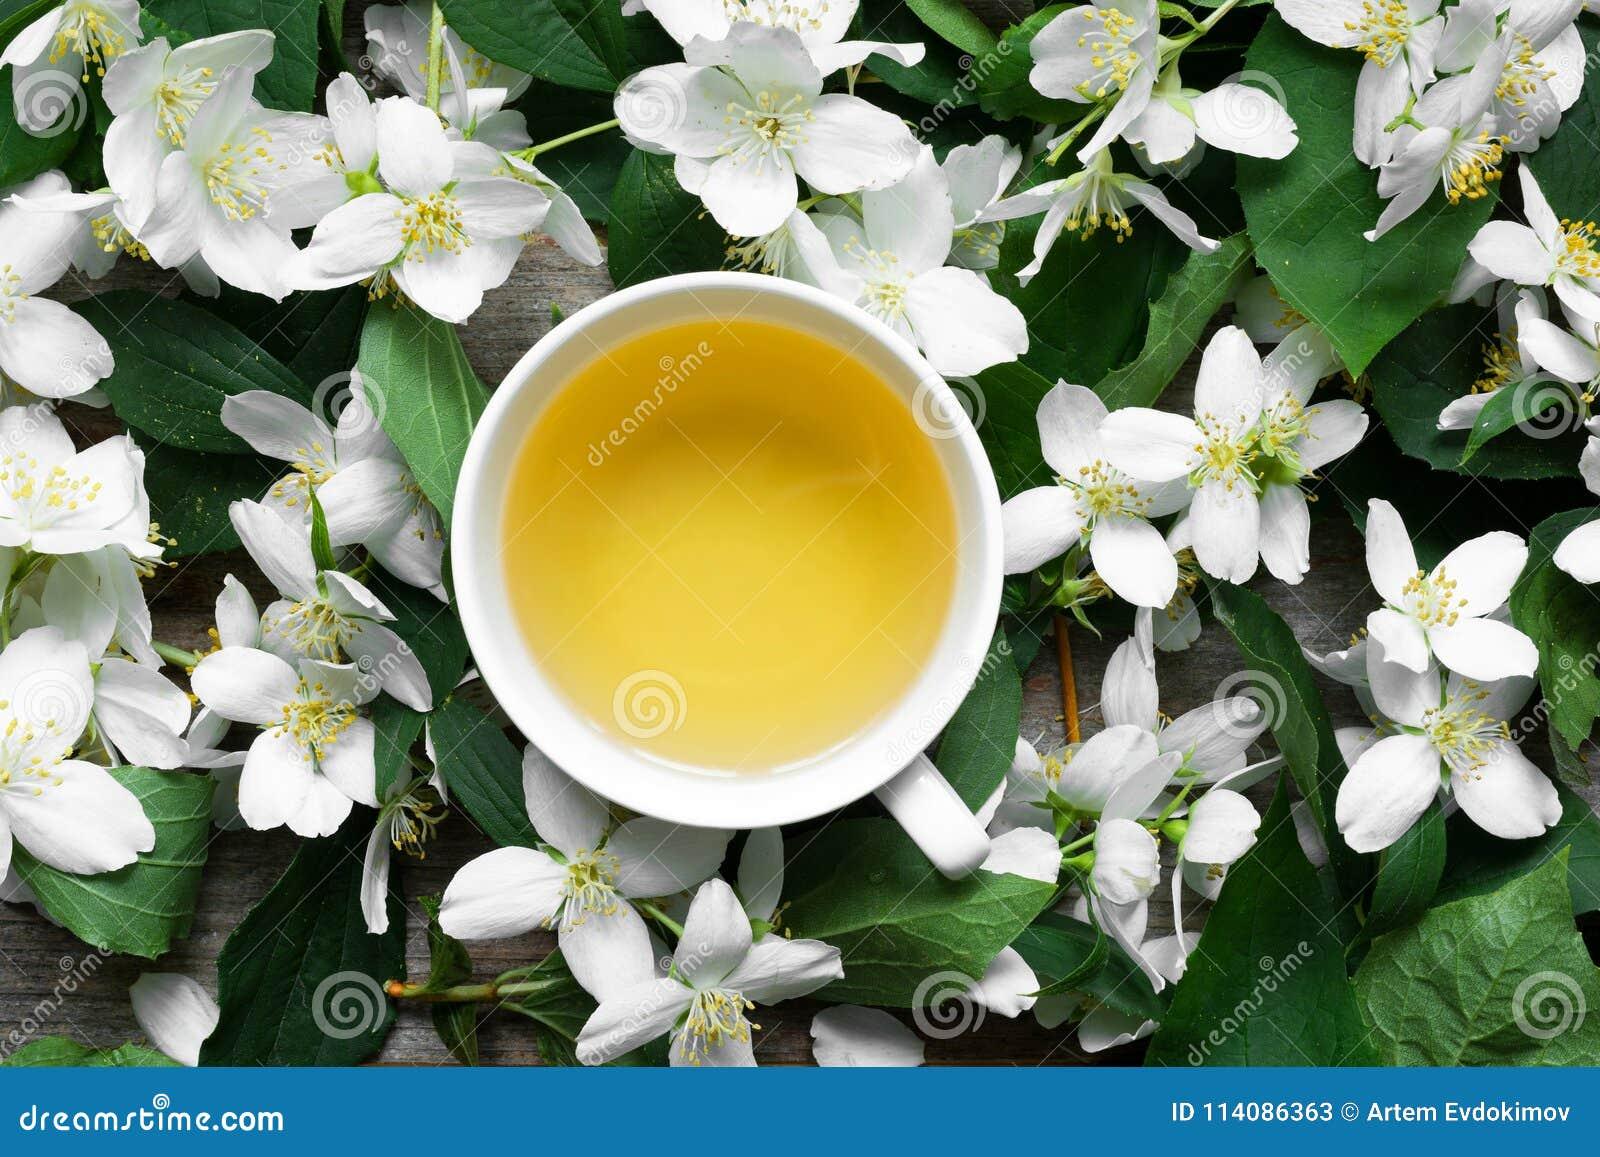 Cup Of Green Jasmine Tea On Jasmine Flowers Background Stock Image